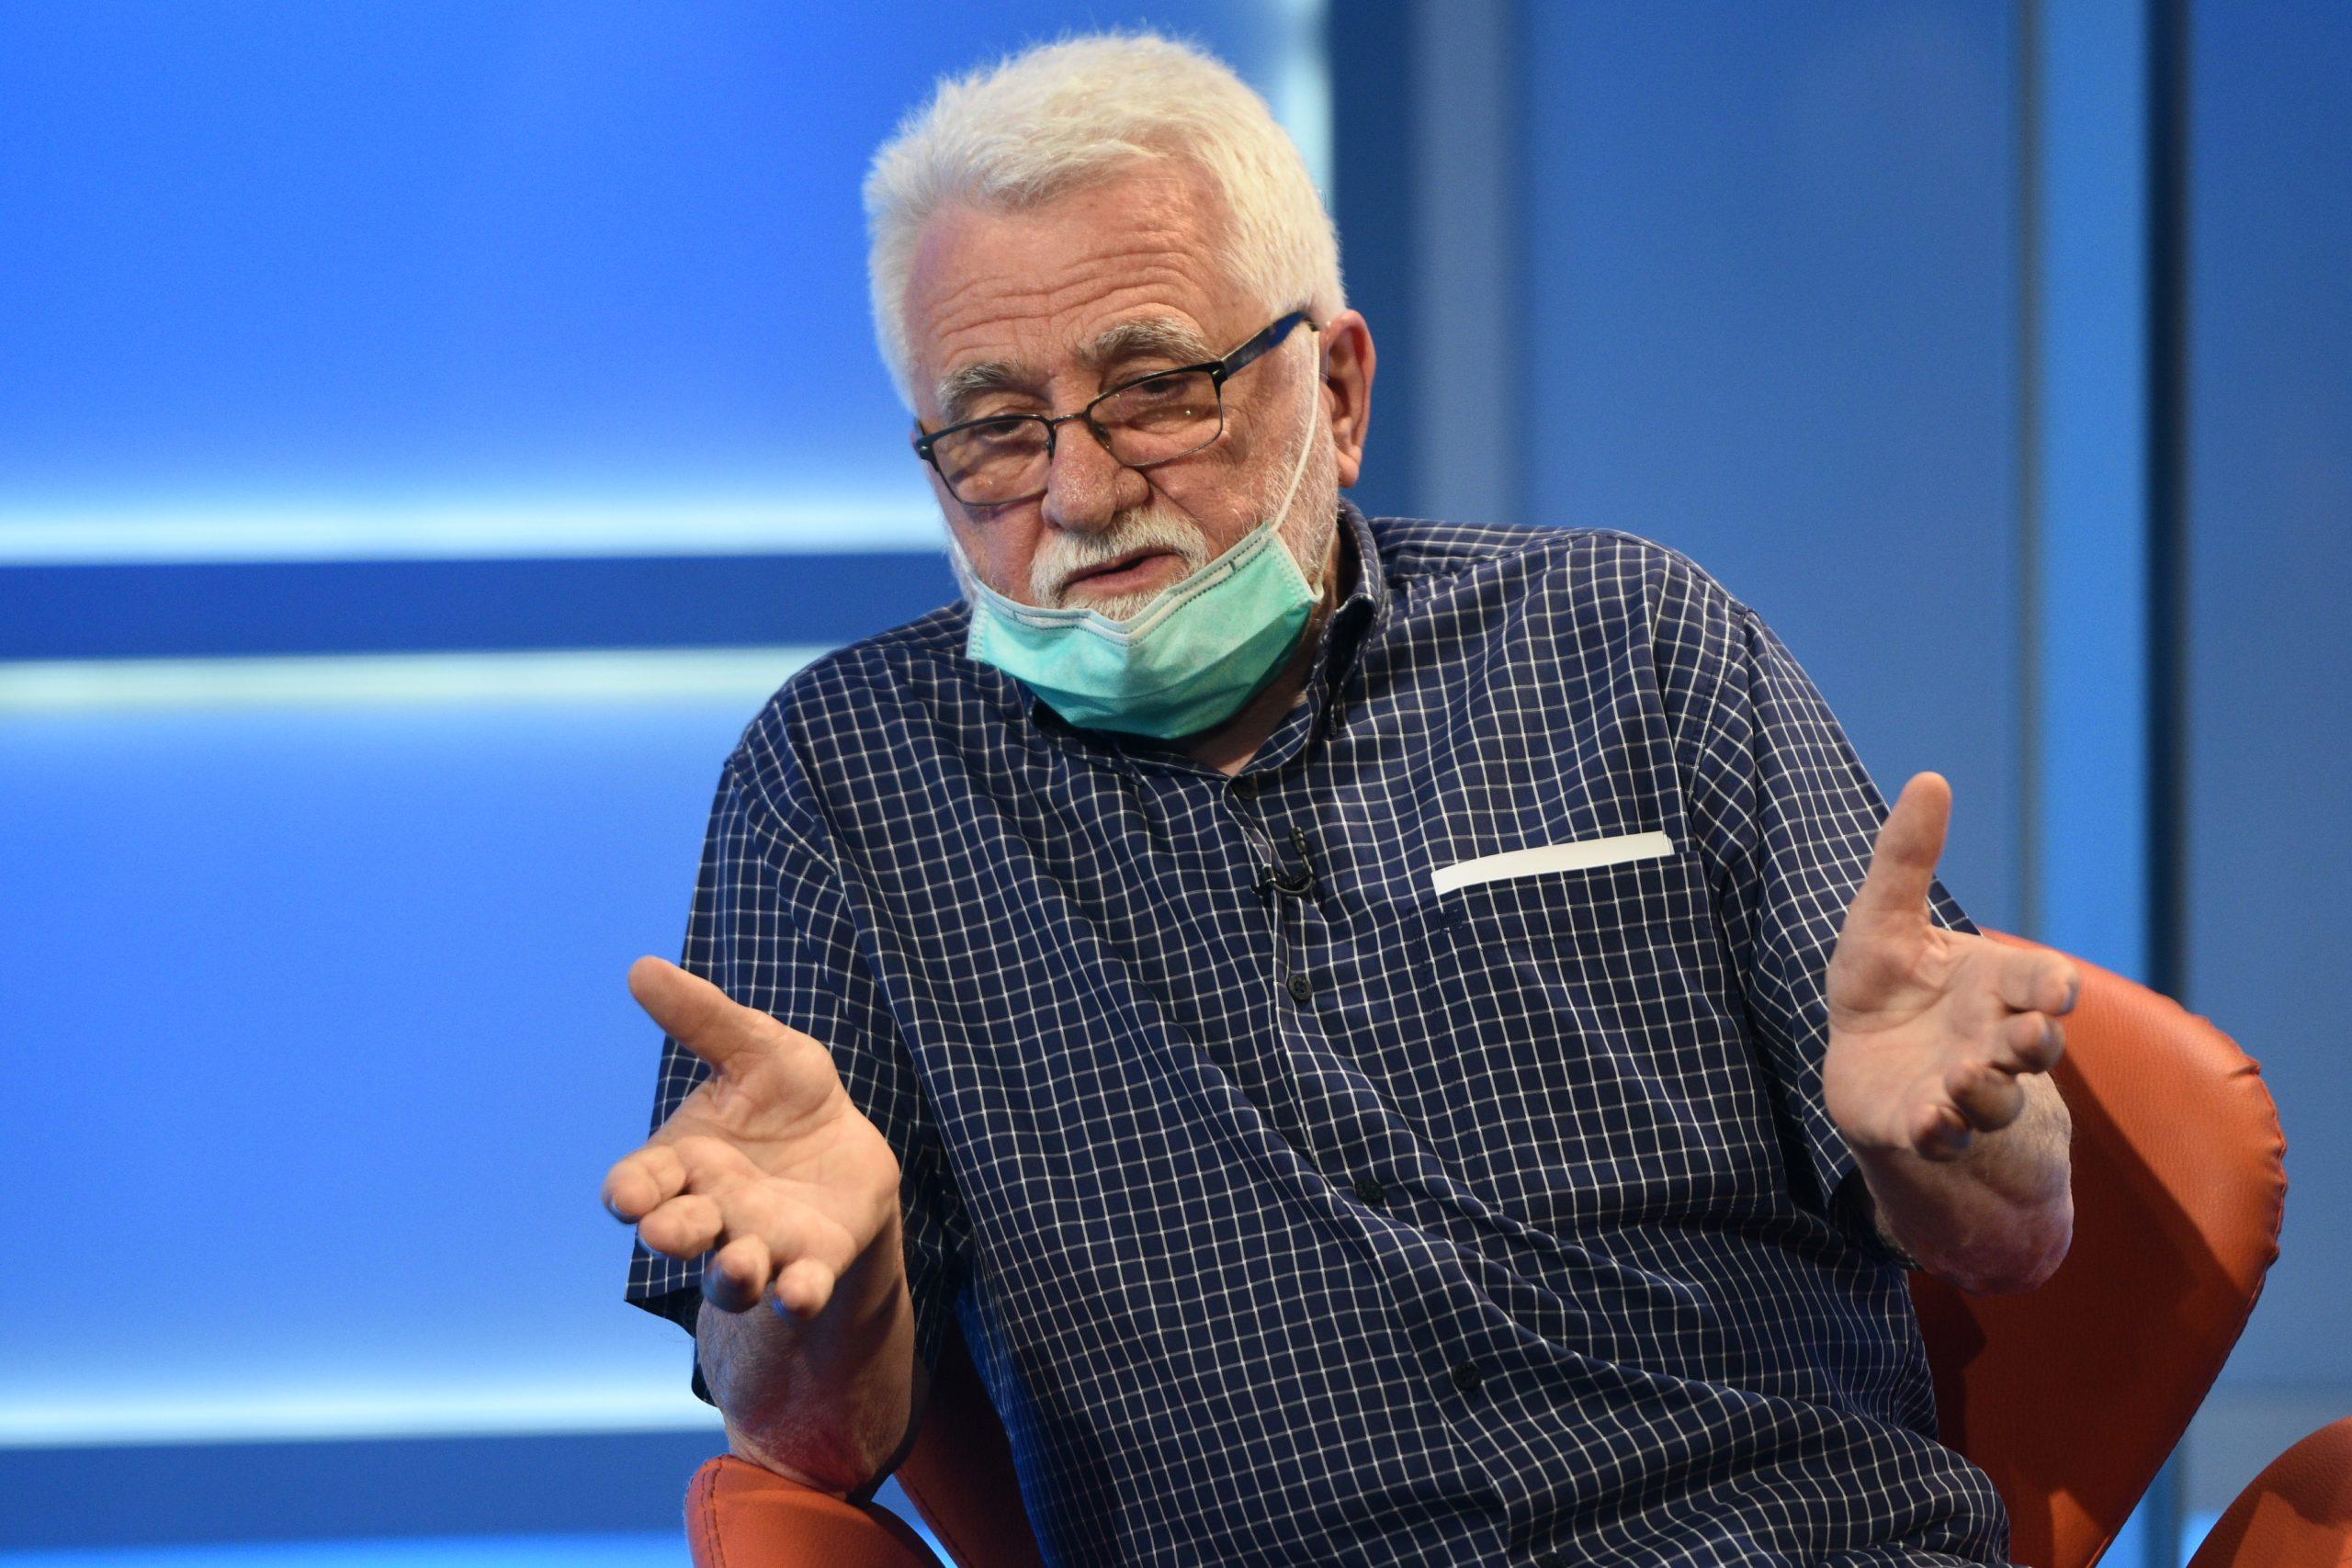 STRANI PLAĆENICI PANIČE: Srbi su se digli protiv vakcina! Krive im TEORIJE ZAVERE! 1